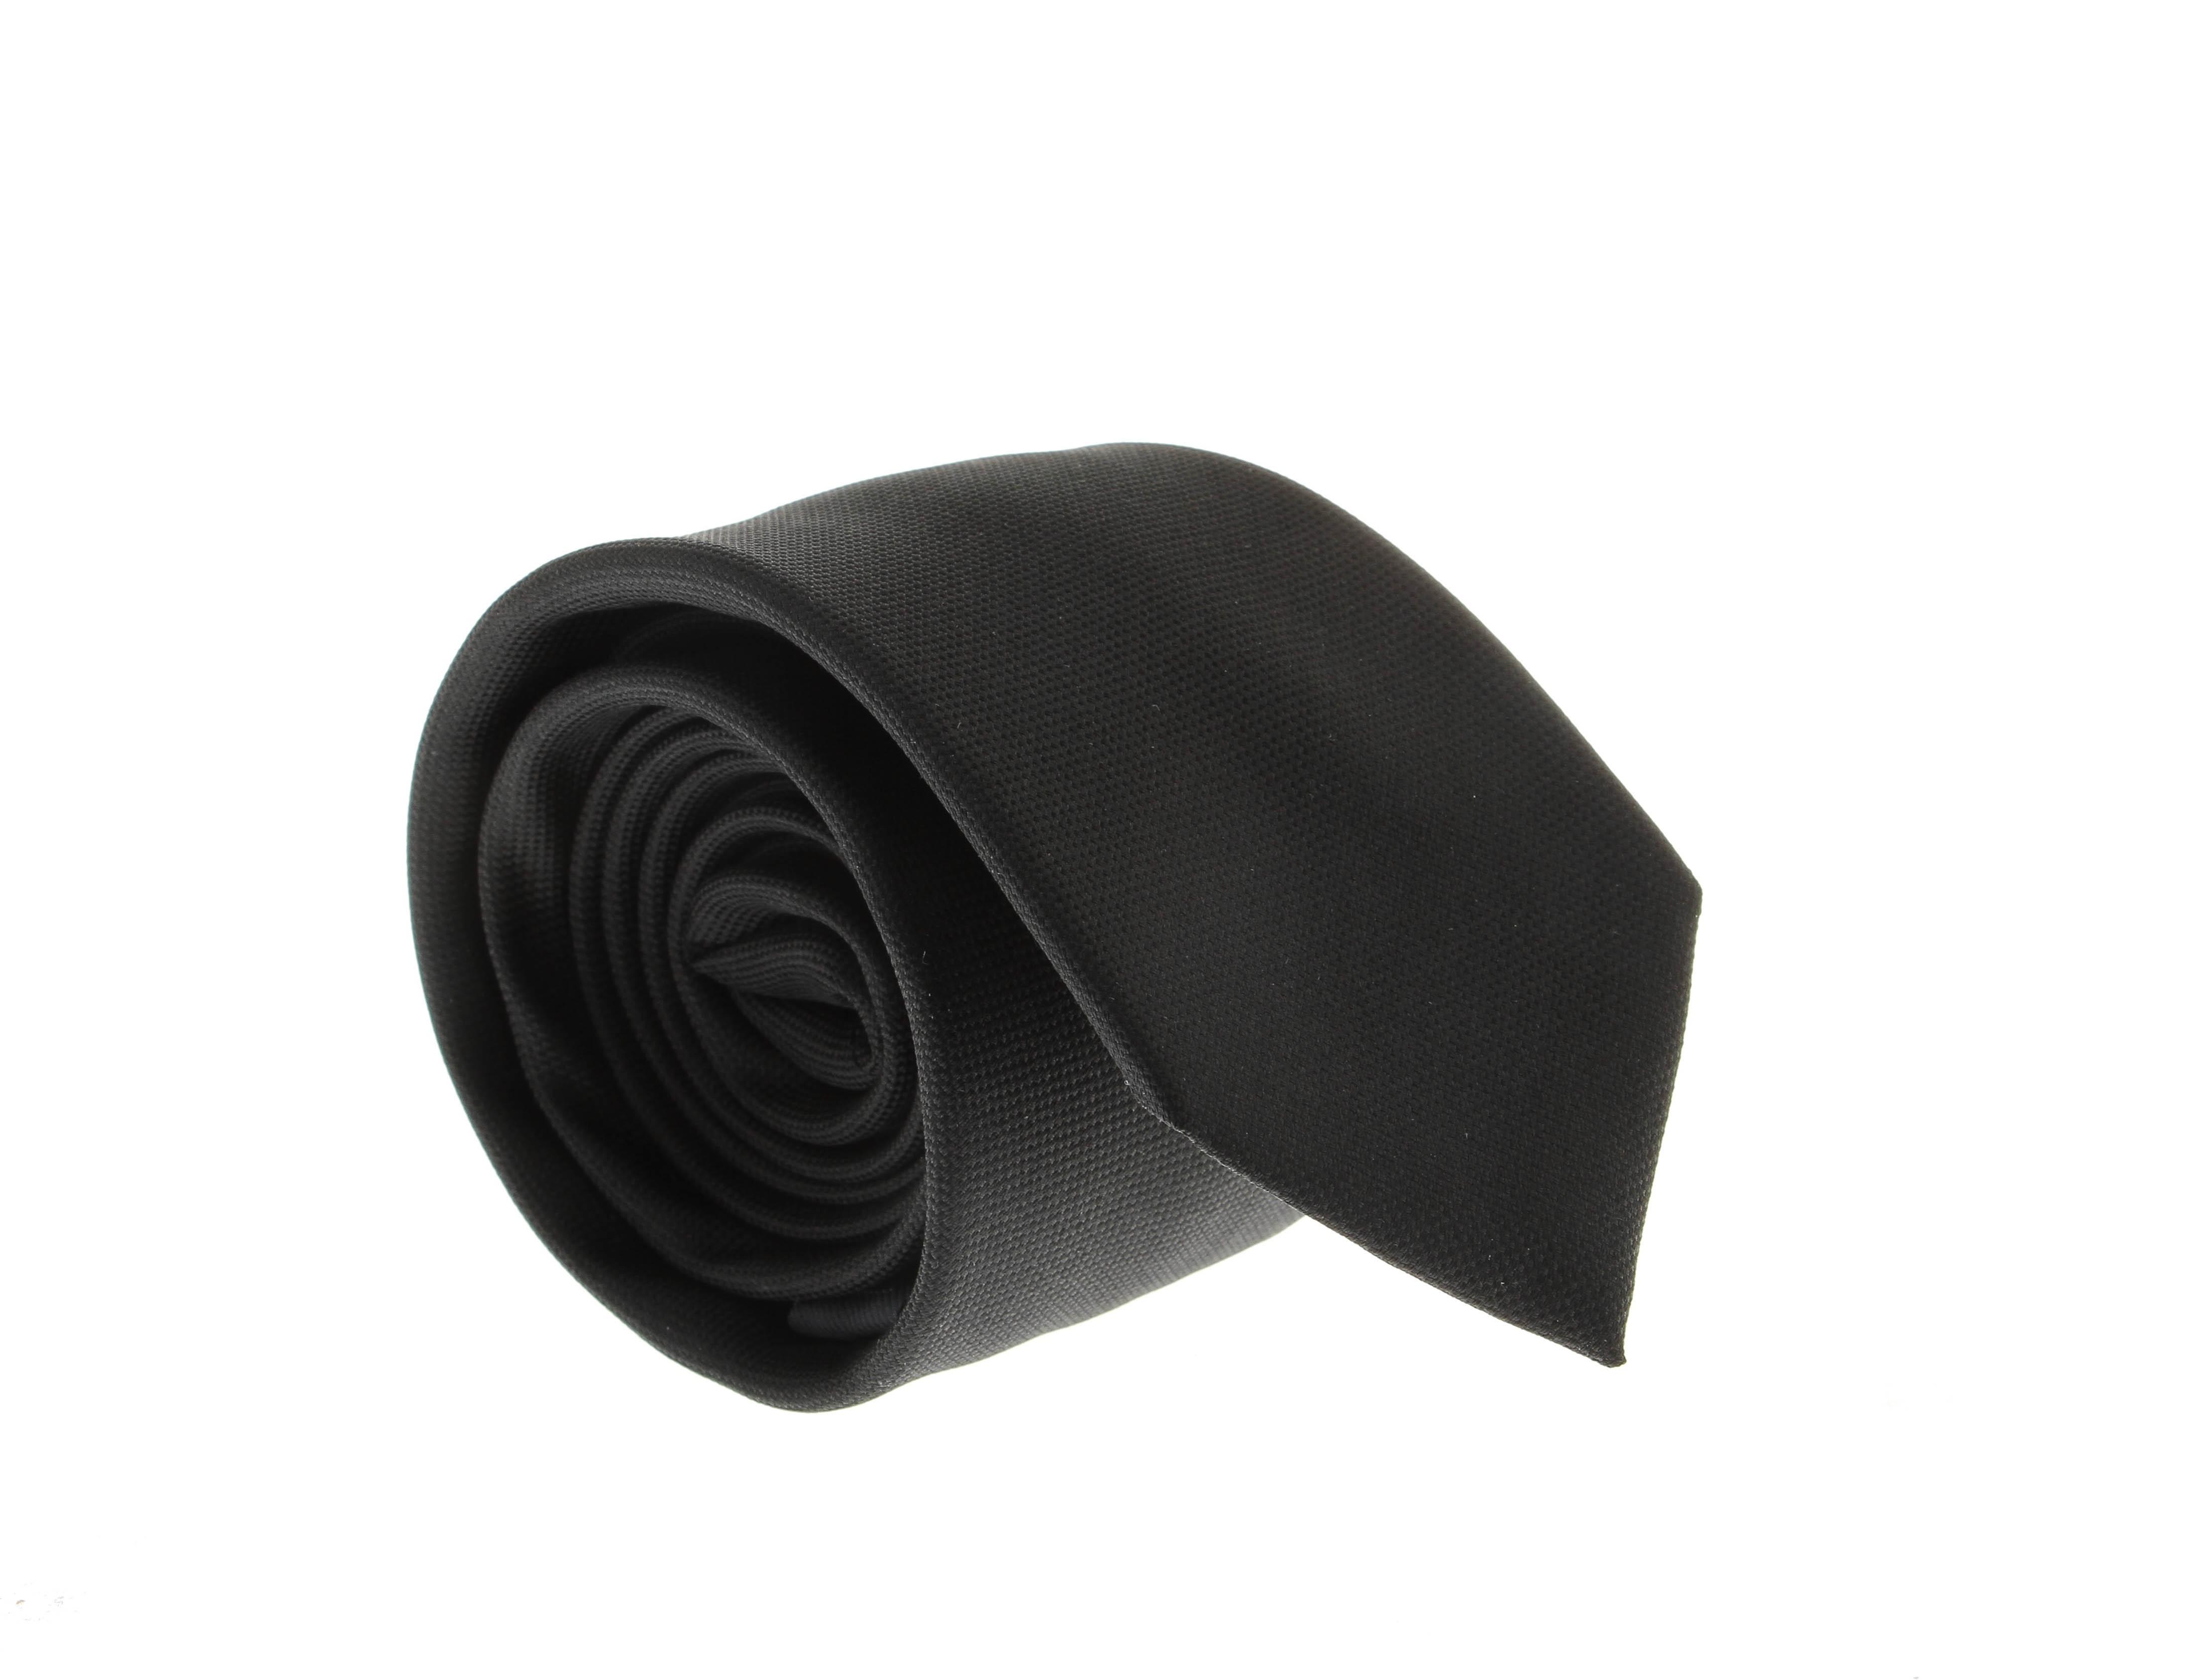 Cravate en soie : Noir - Grainé